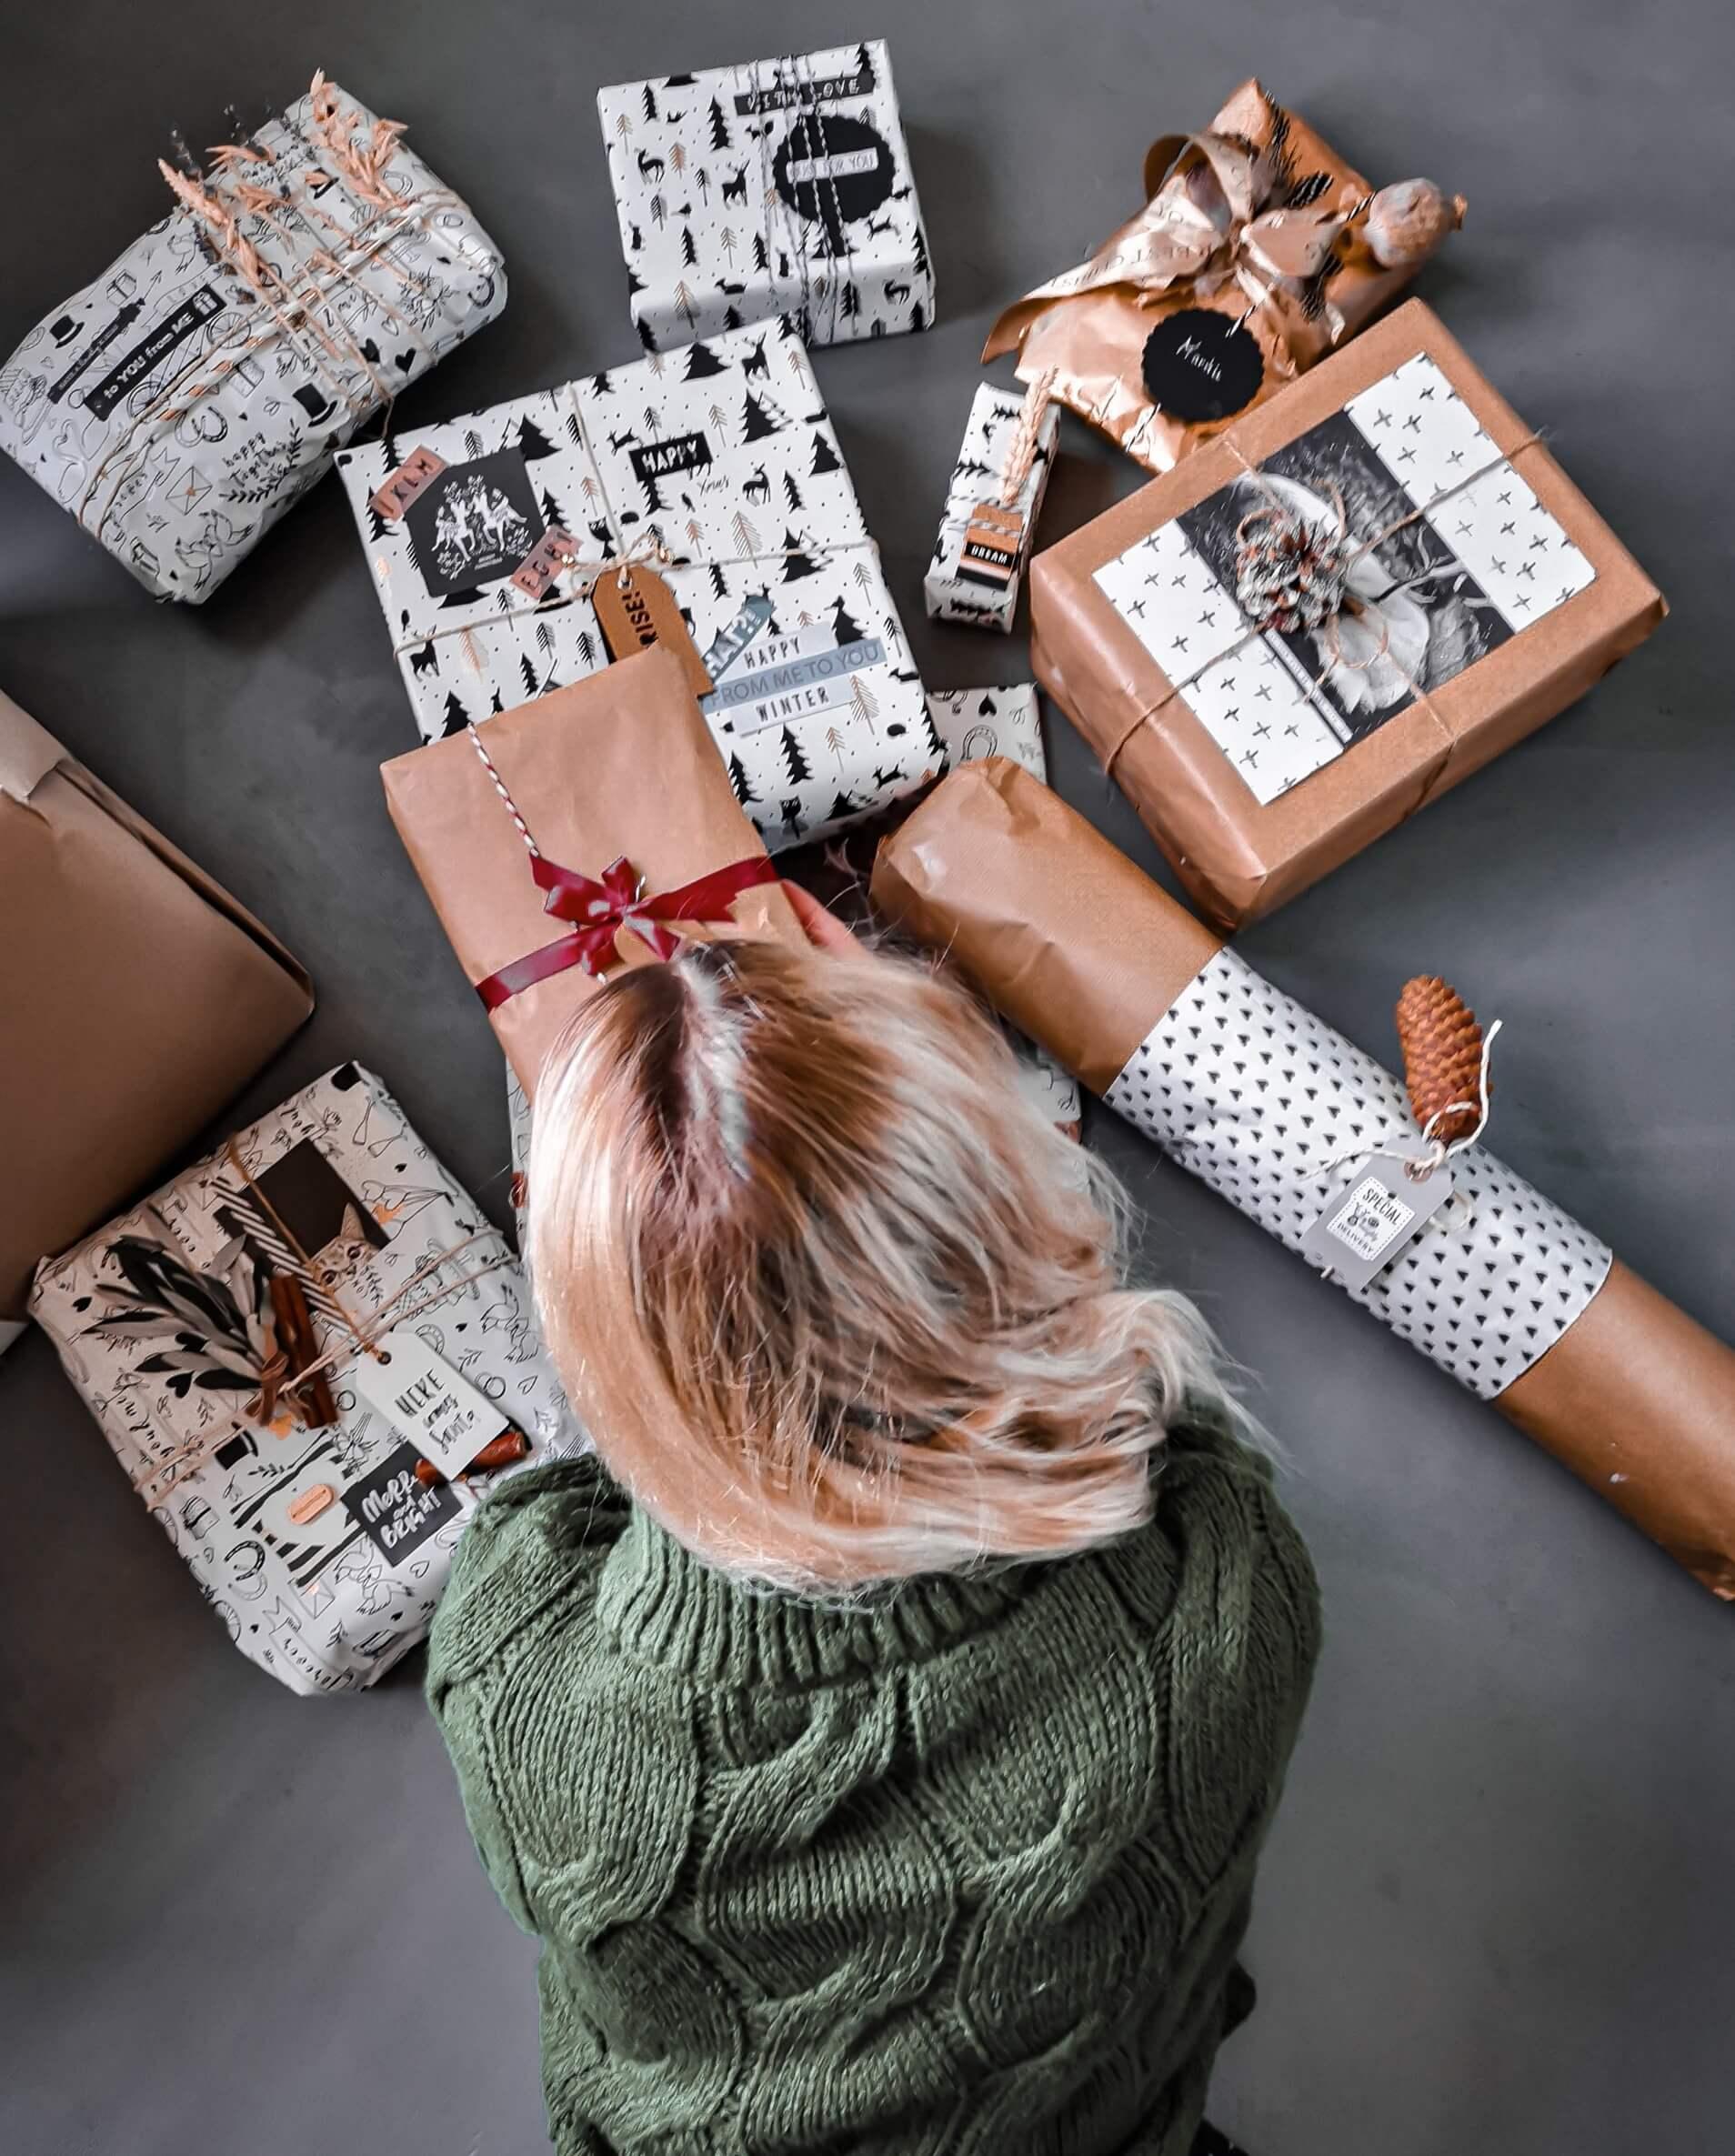 IMG 20191208 120145 resized 20191215 081615540 - Geschenke verpacken: 11 kreative Tipps zum Selbermachen